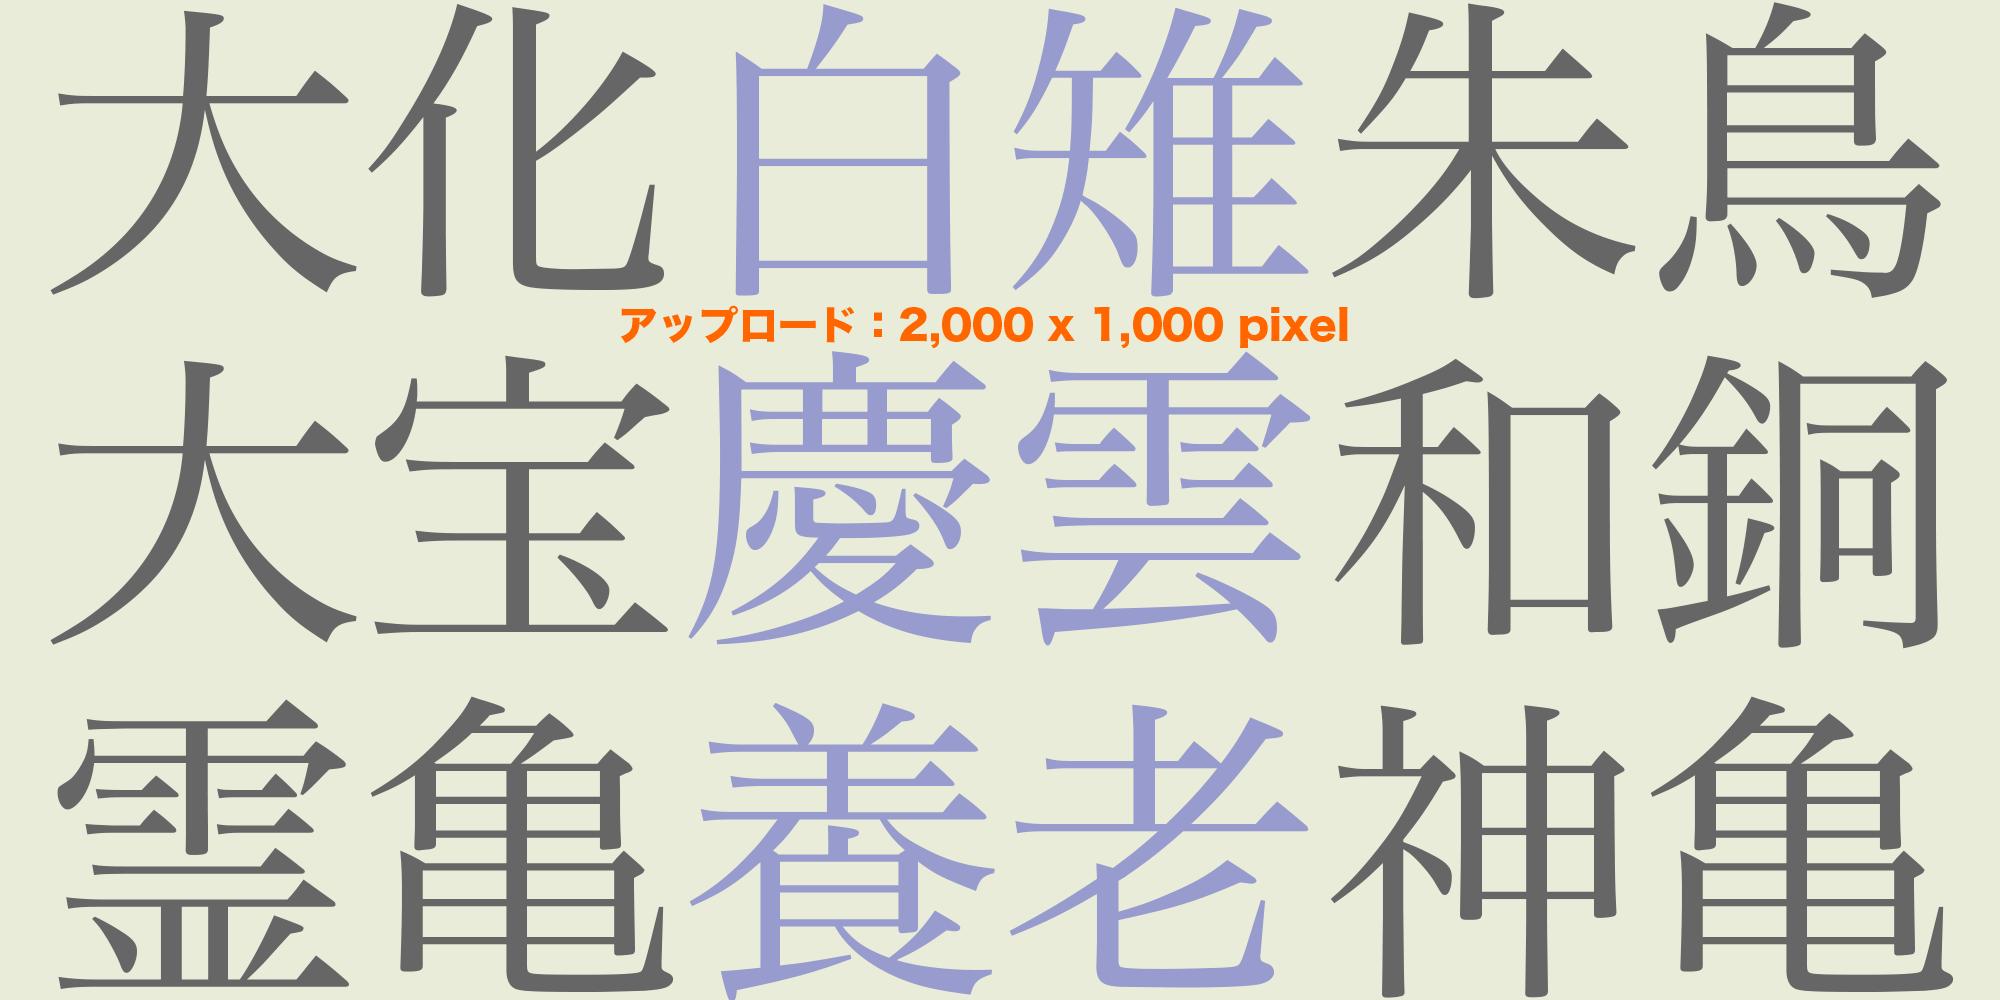 2000 x 1000 ピクセルの画像